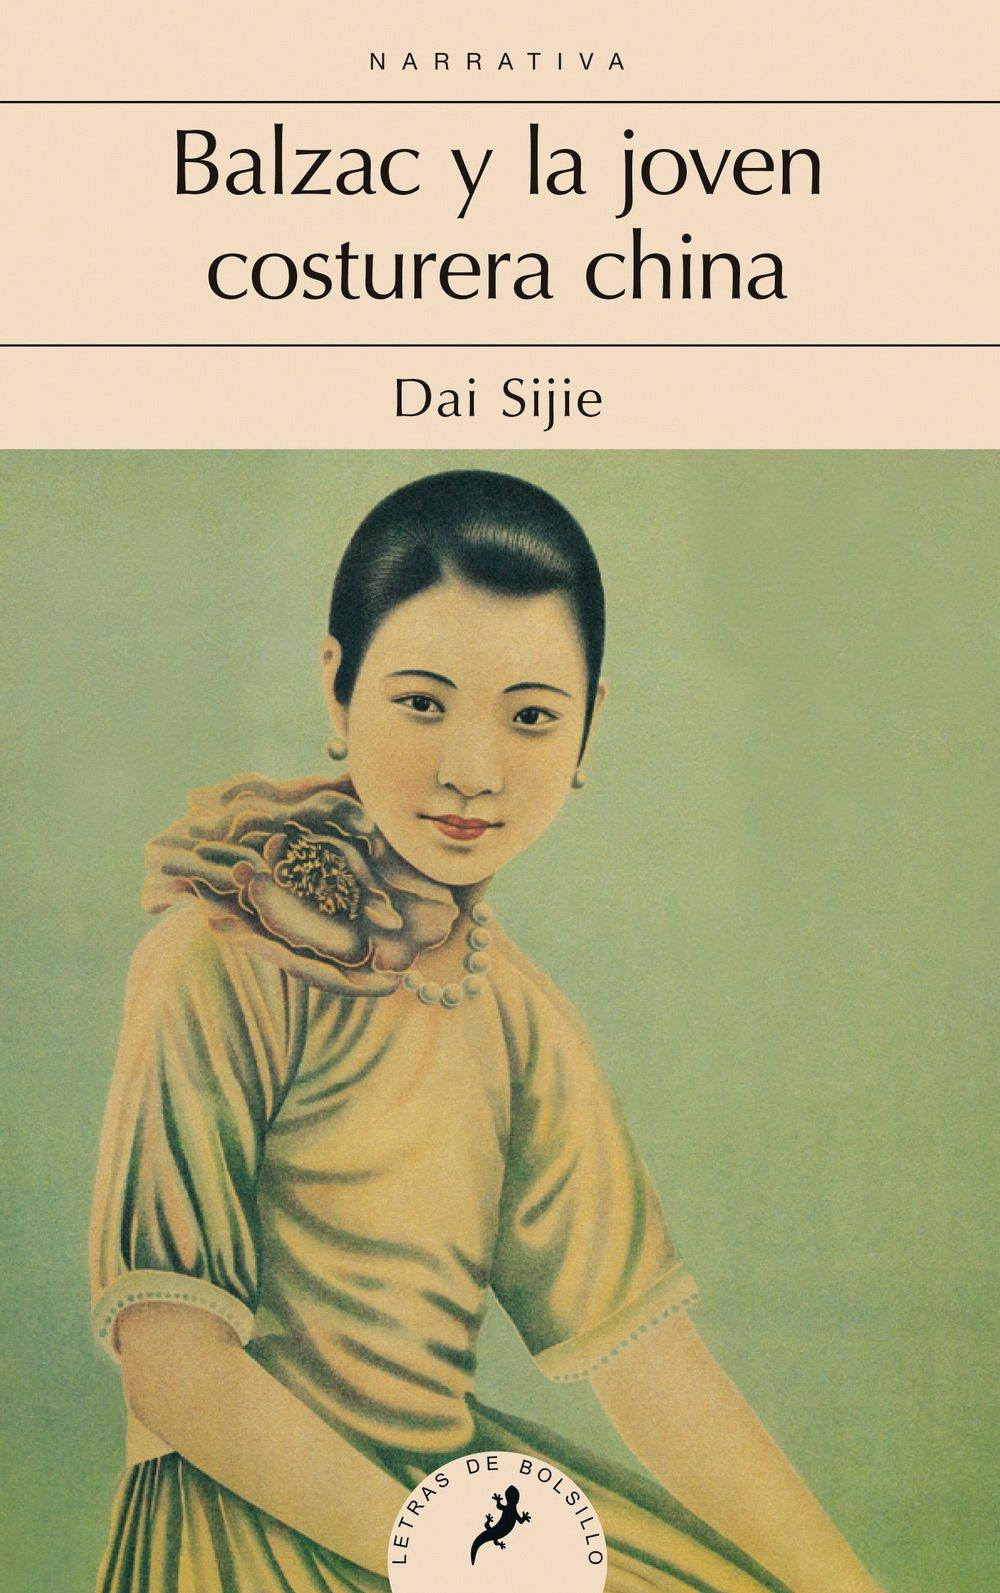 Balzac y la joven costurera china (Letras de bolsillo, Band 207)